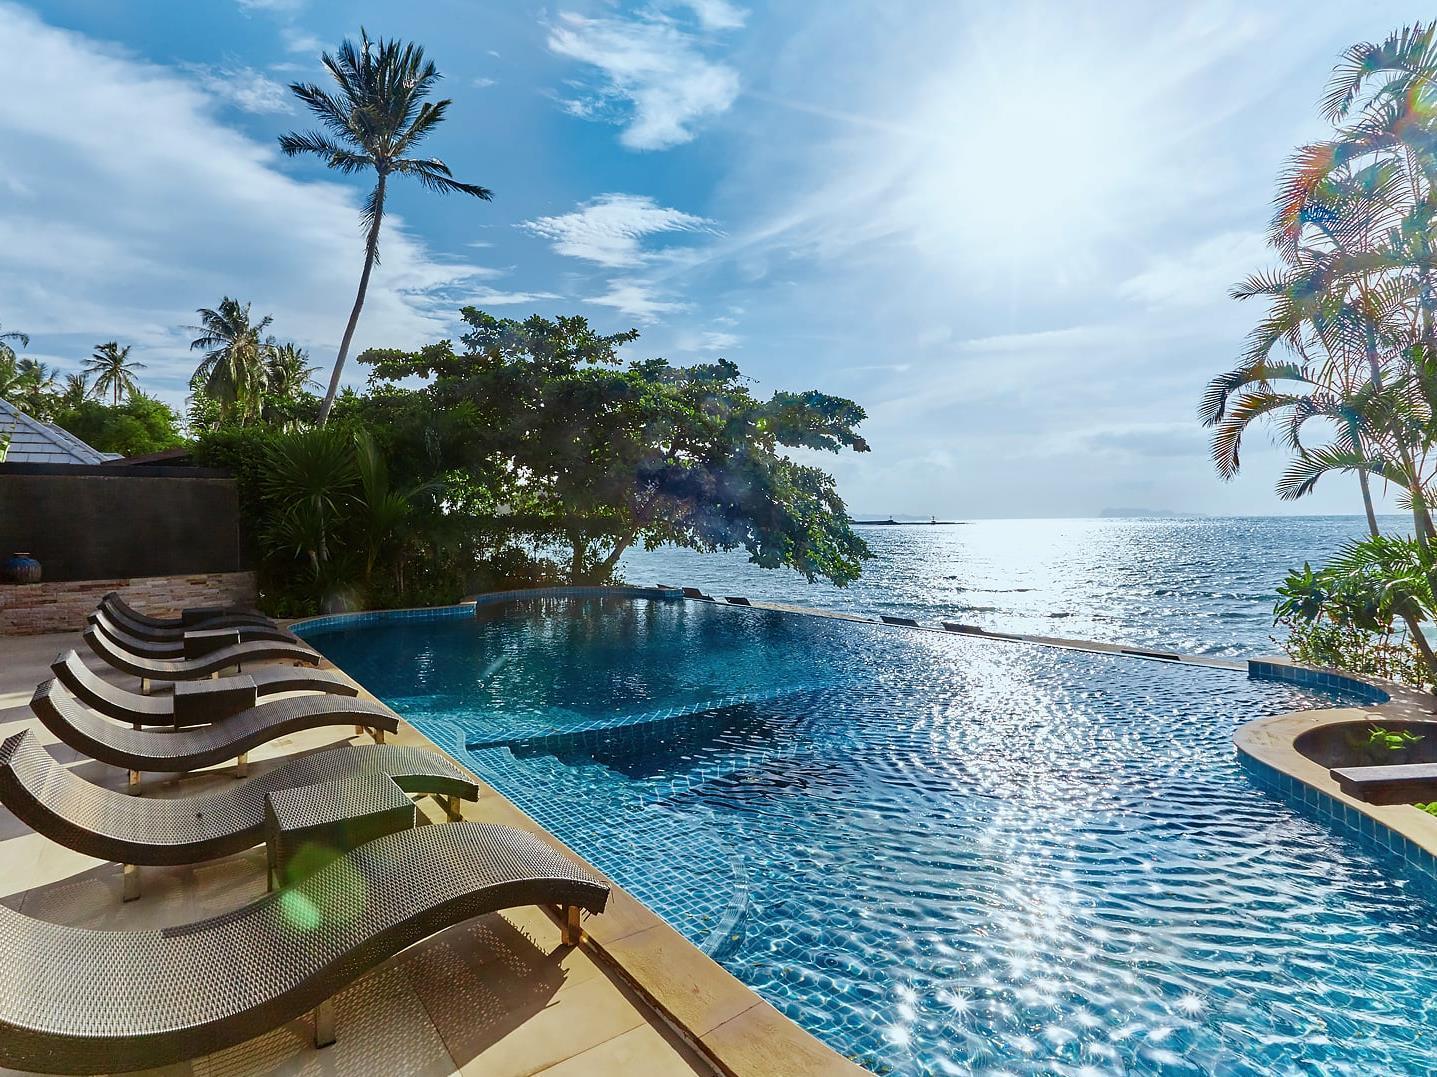 Hotell Sea Valley Hotel   Spa i , Samui. Klicka för att läsa mer och skicka bokningsförfrågan